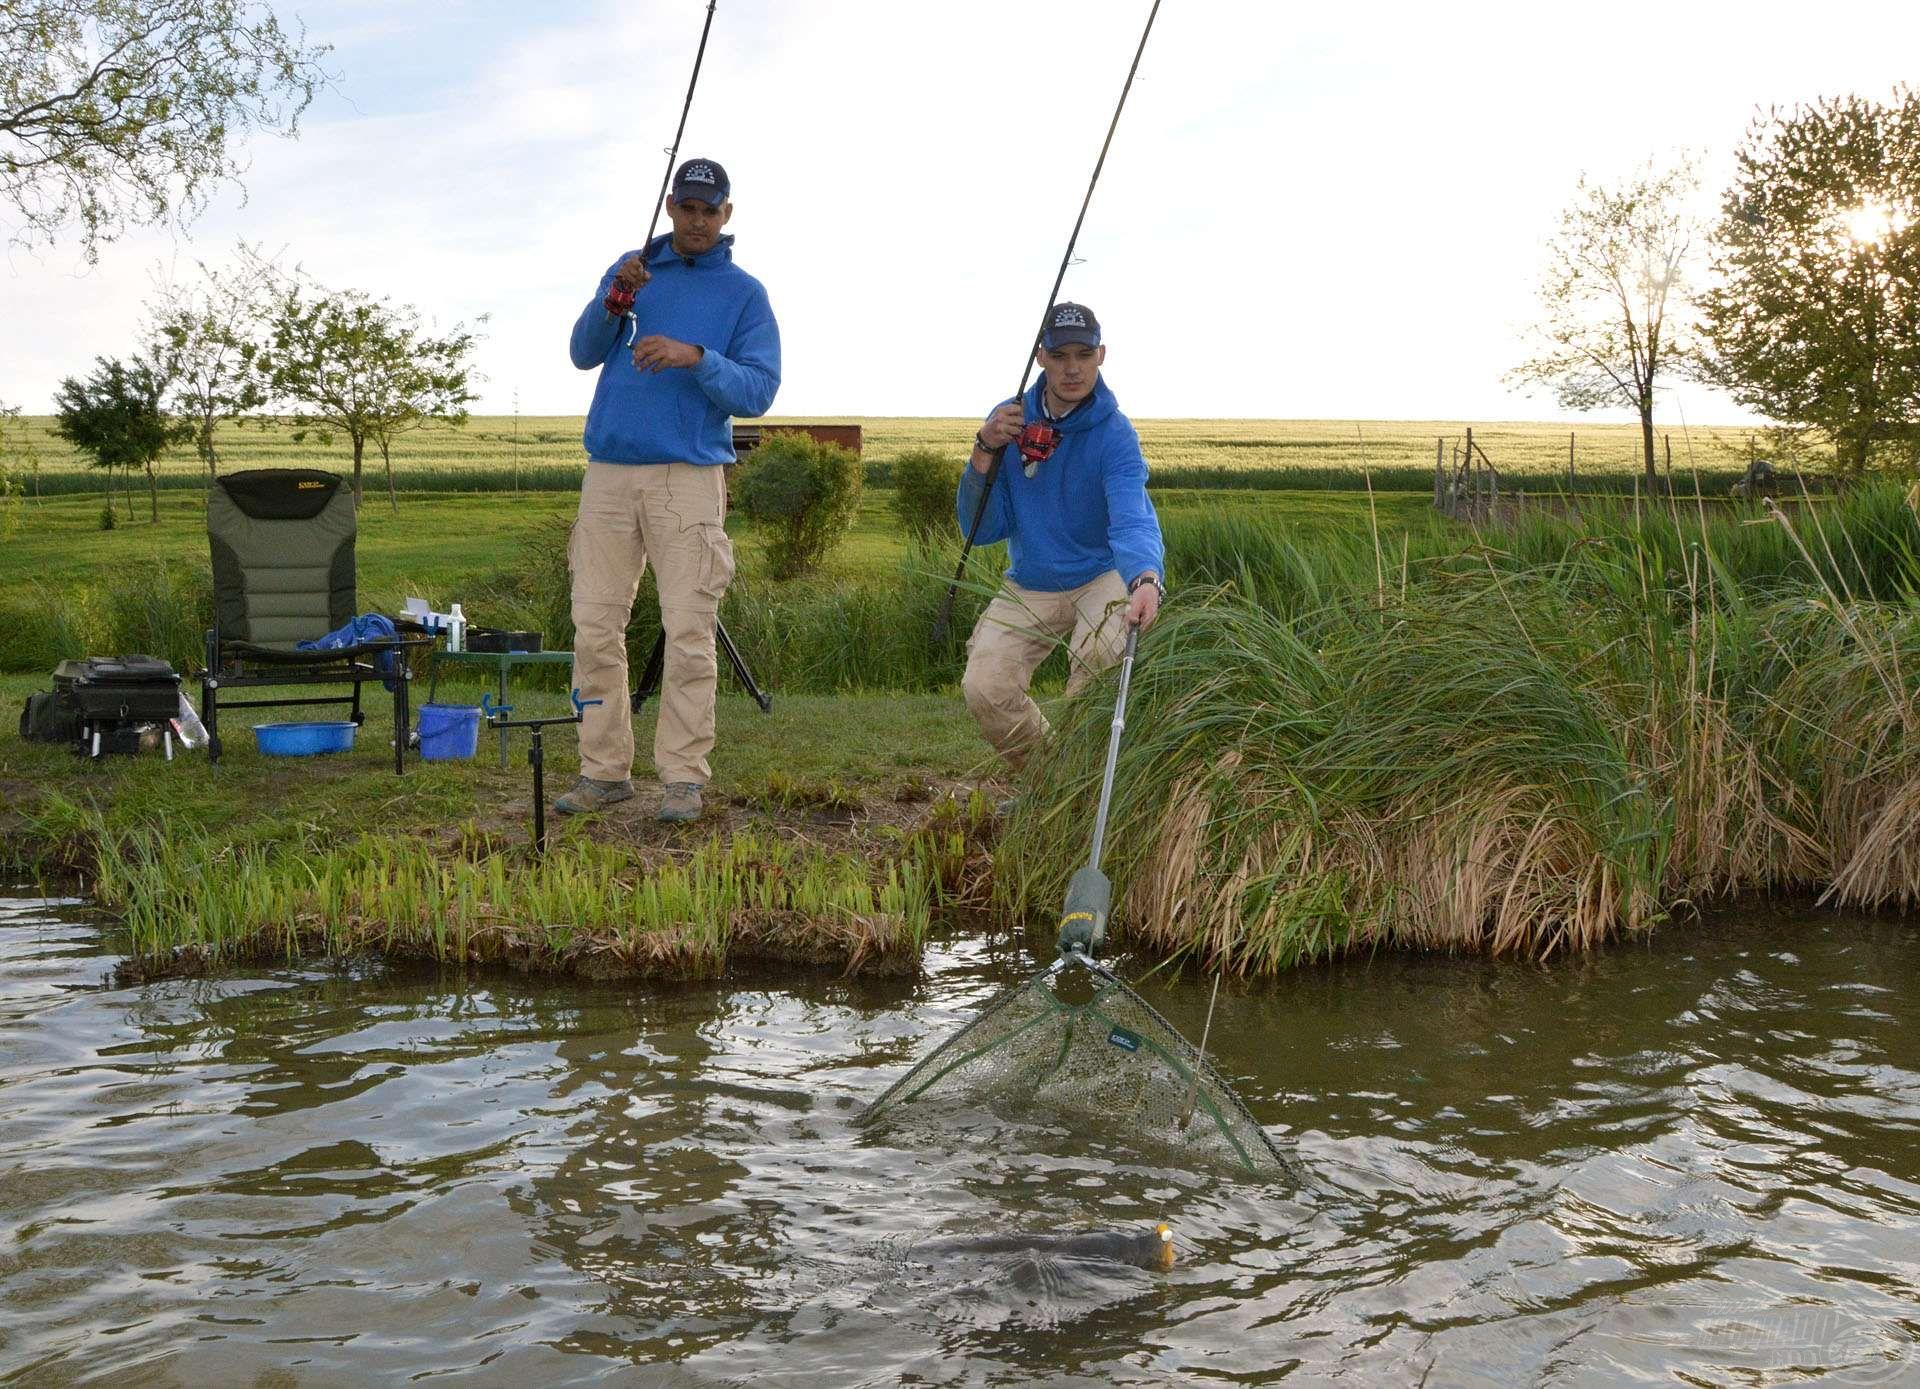 Amennyiben sikerül megfejteni az adott víz titkát, a halak visszajelzése lehengerlő lesz!